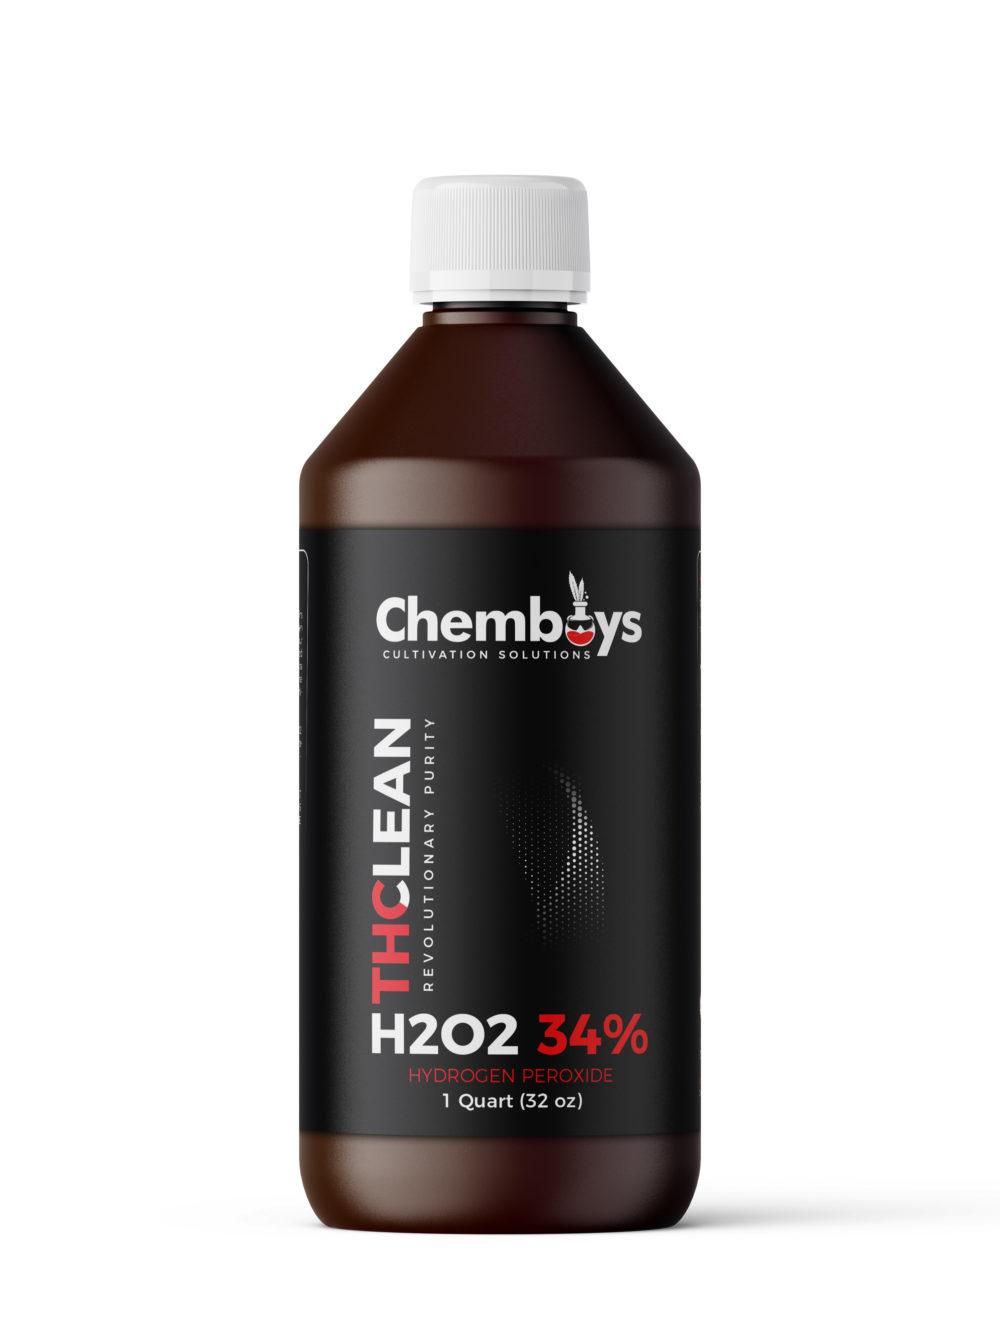 1 Quart of 34.0% H2O2